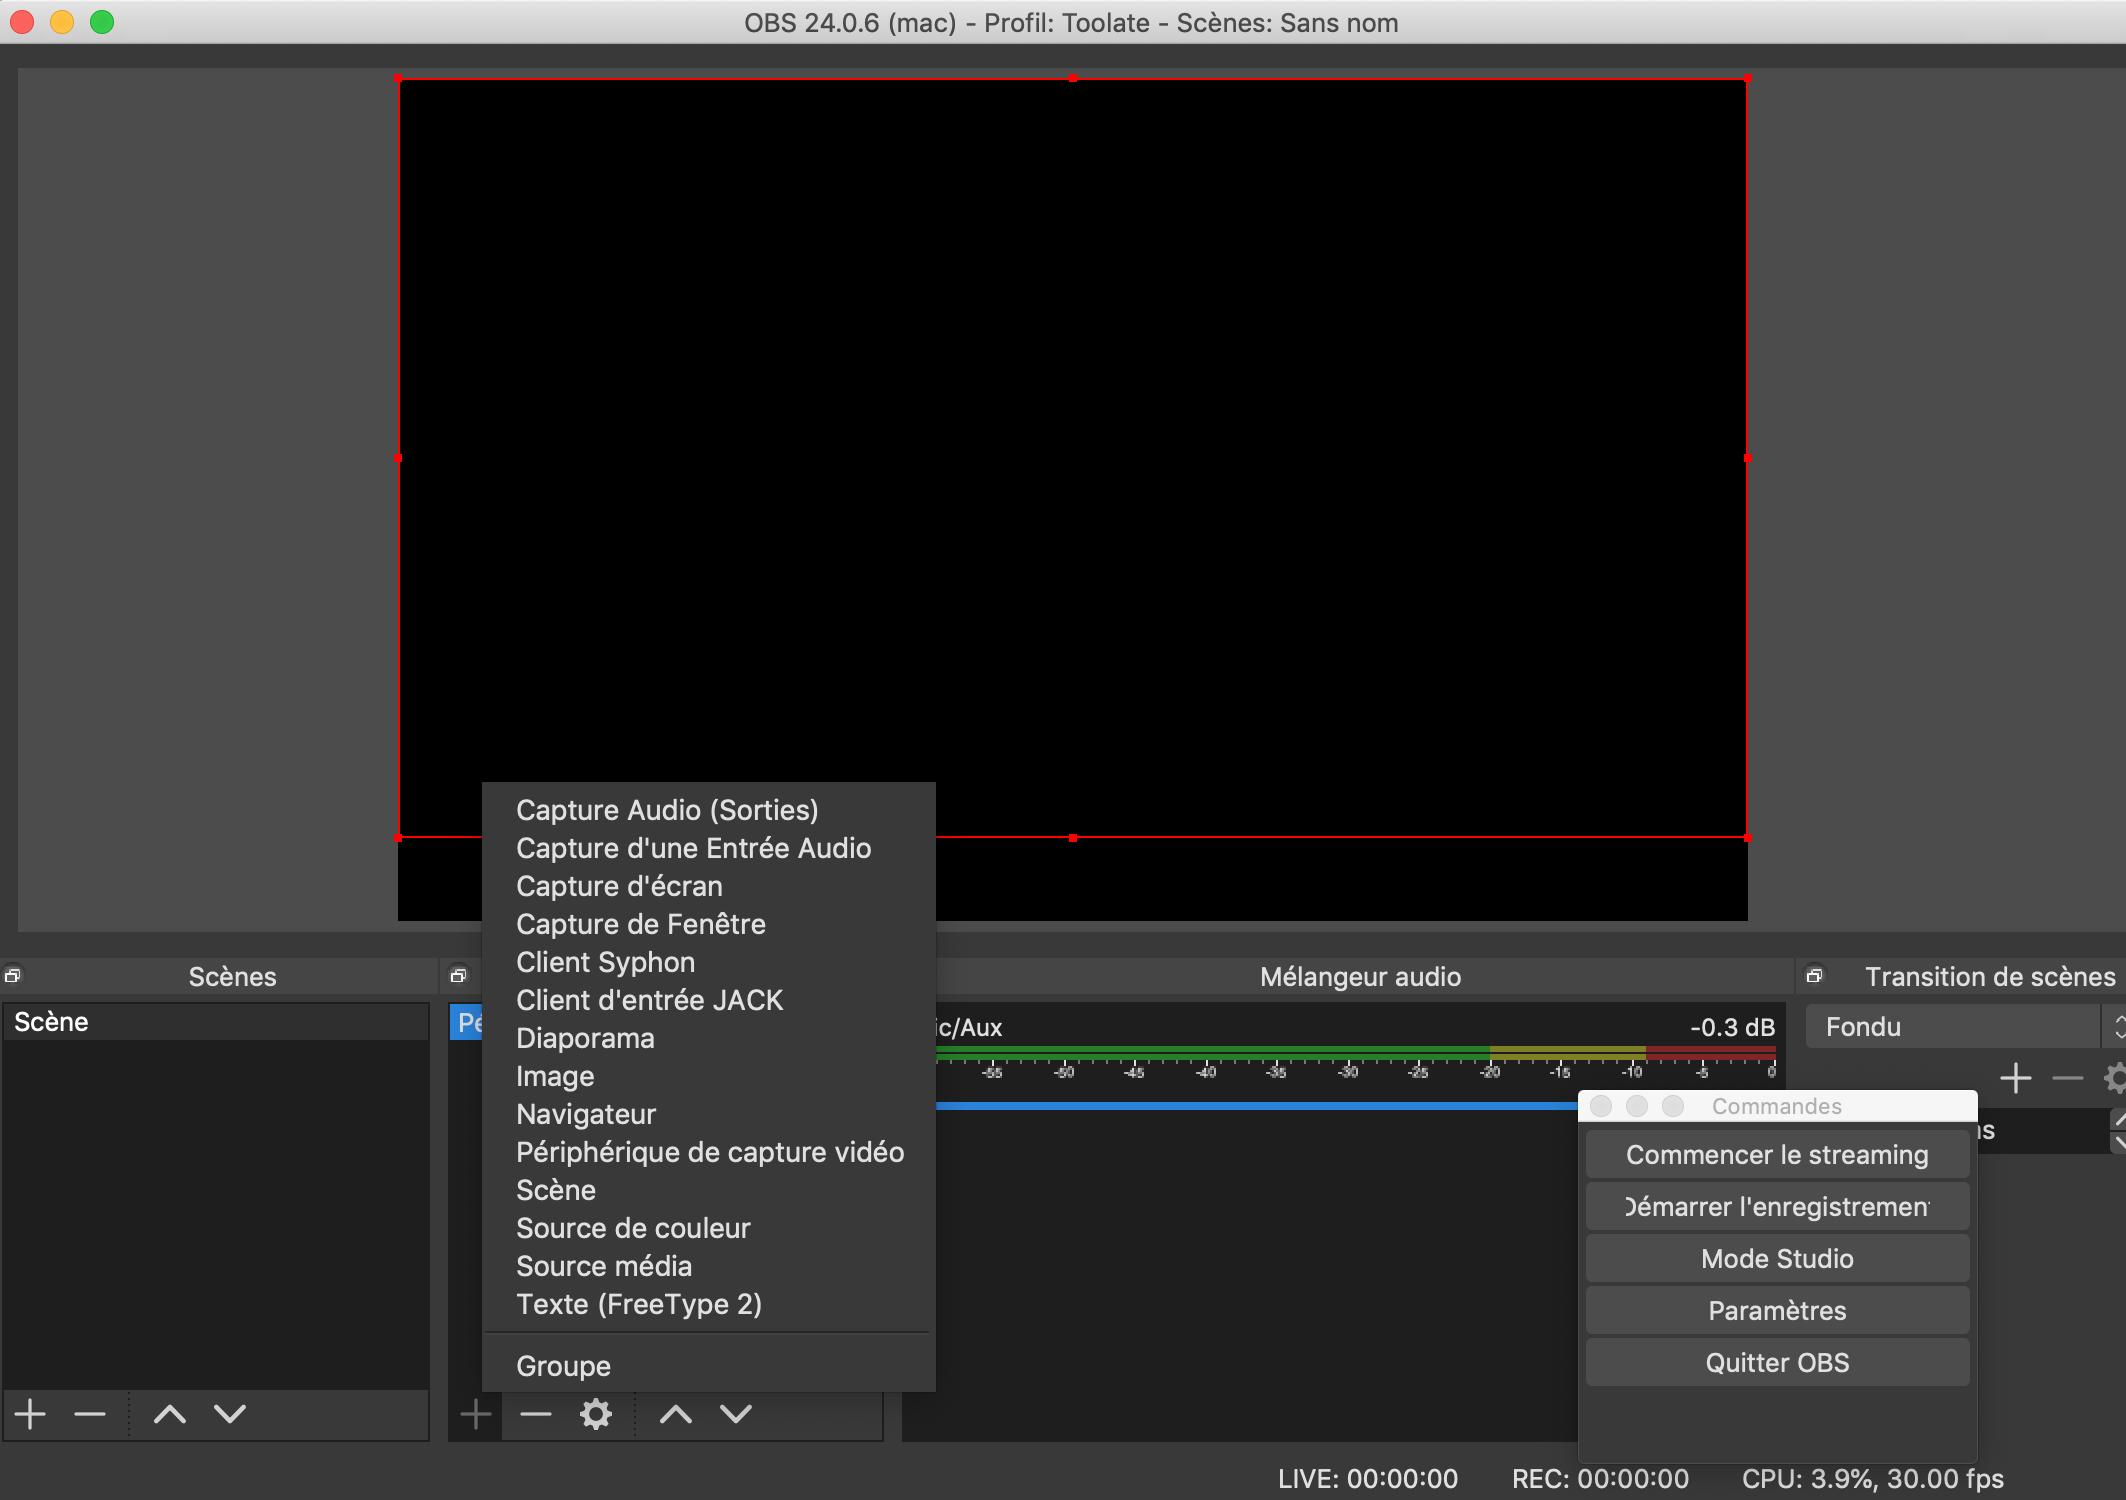 Capture d'écran 2020-04-07 à 21.20.04.png